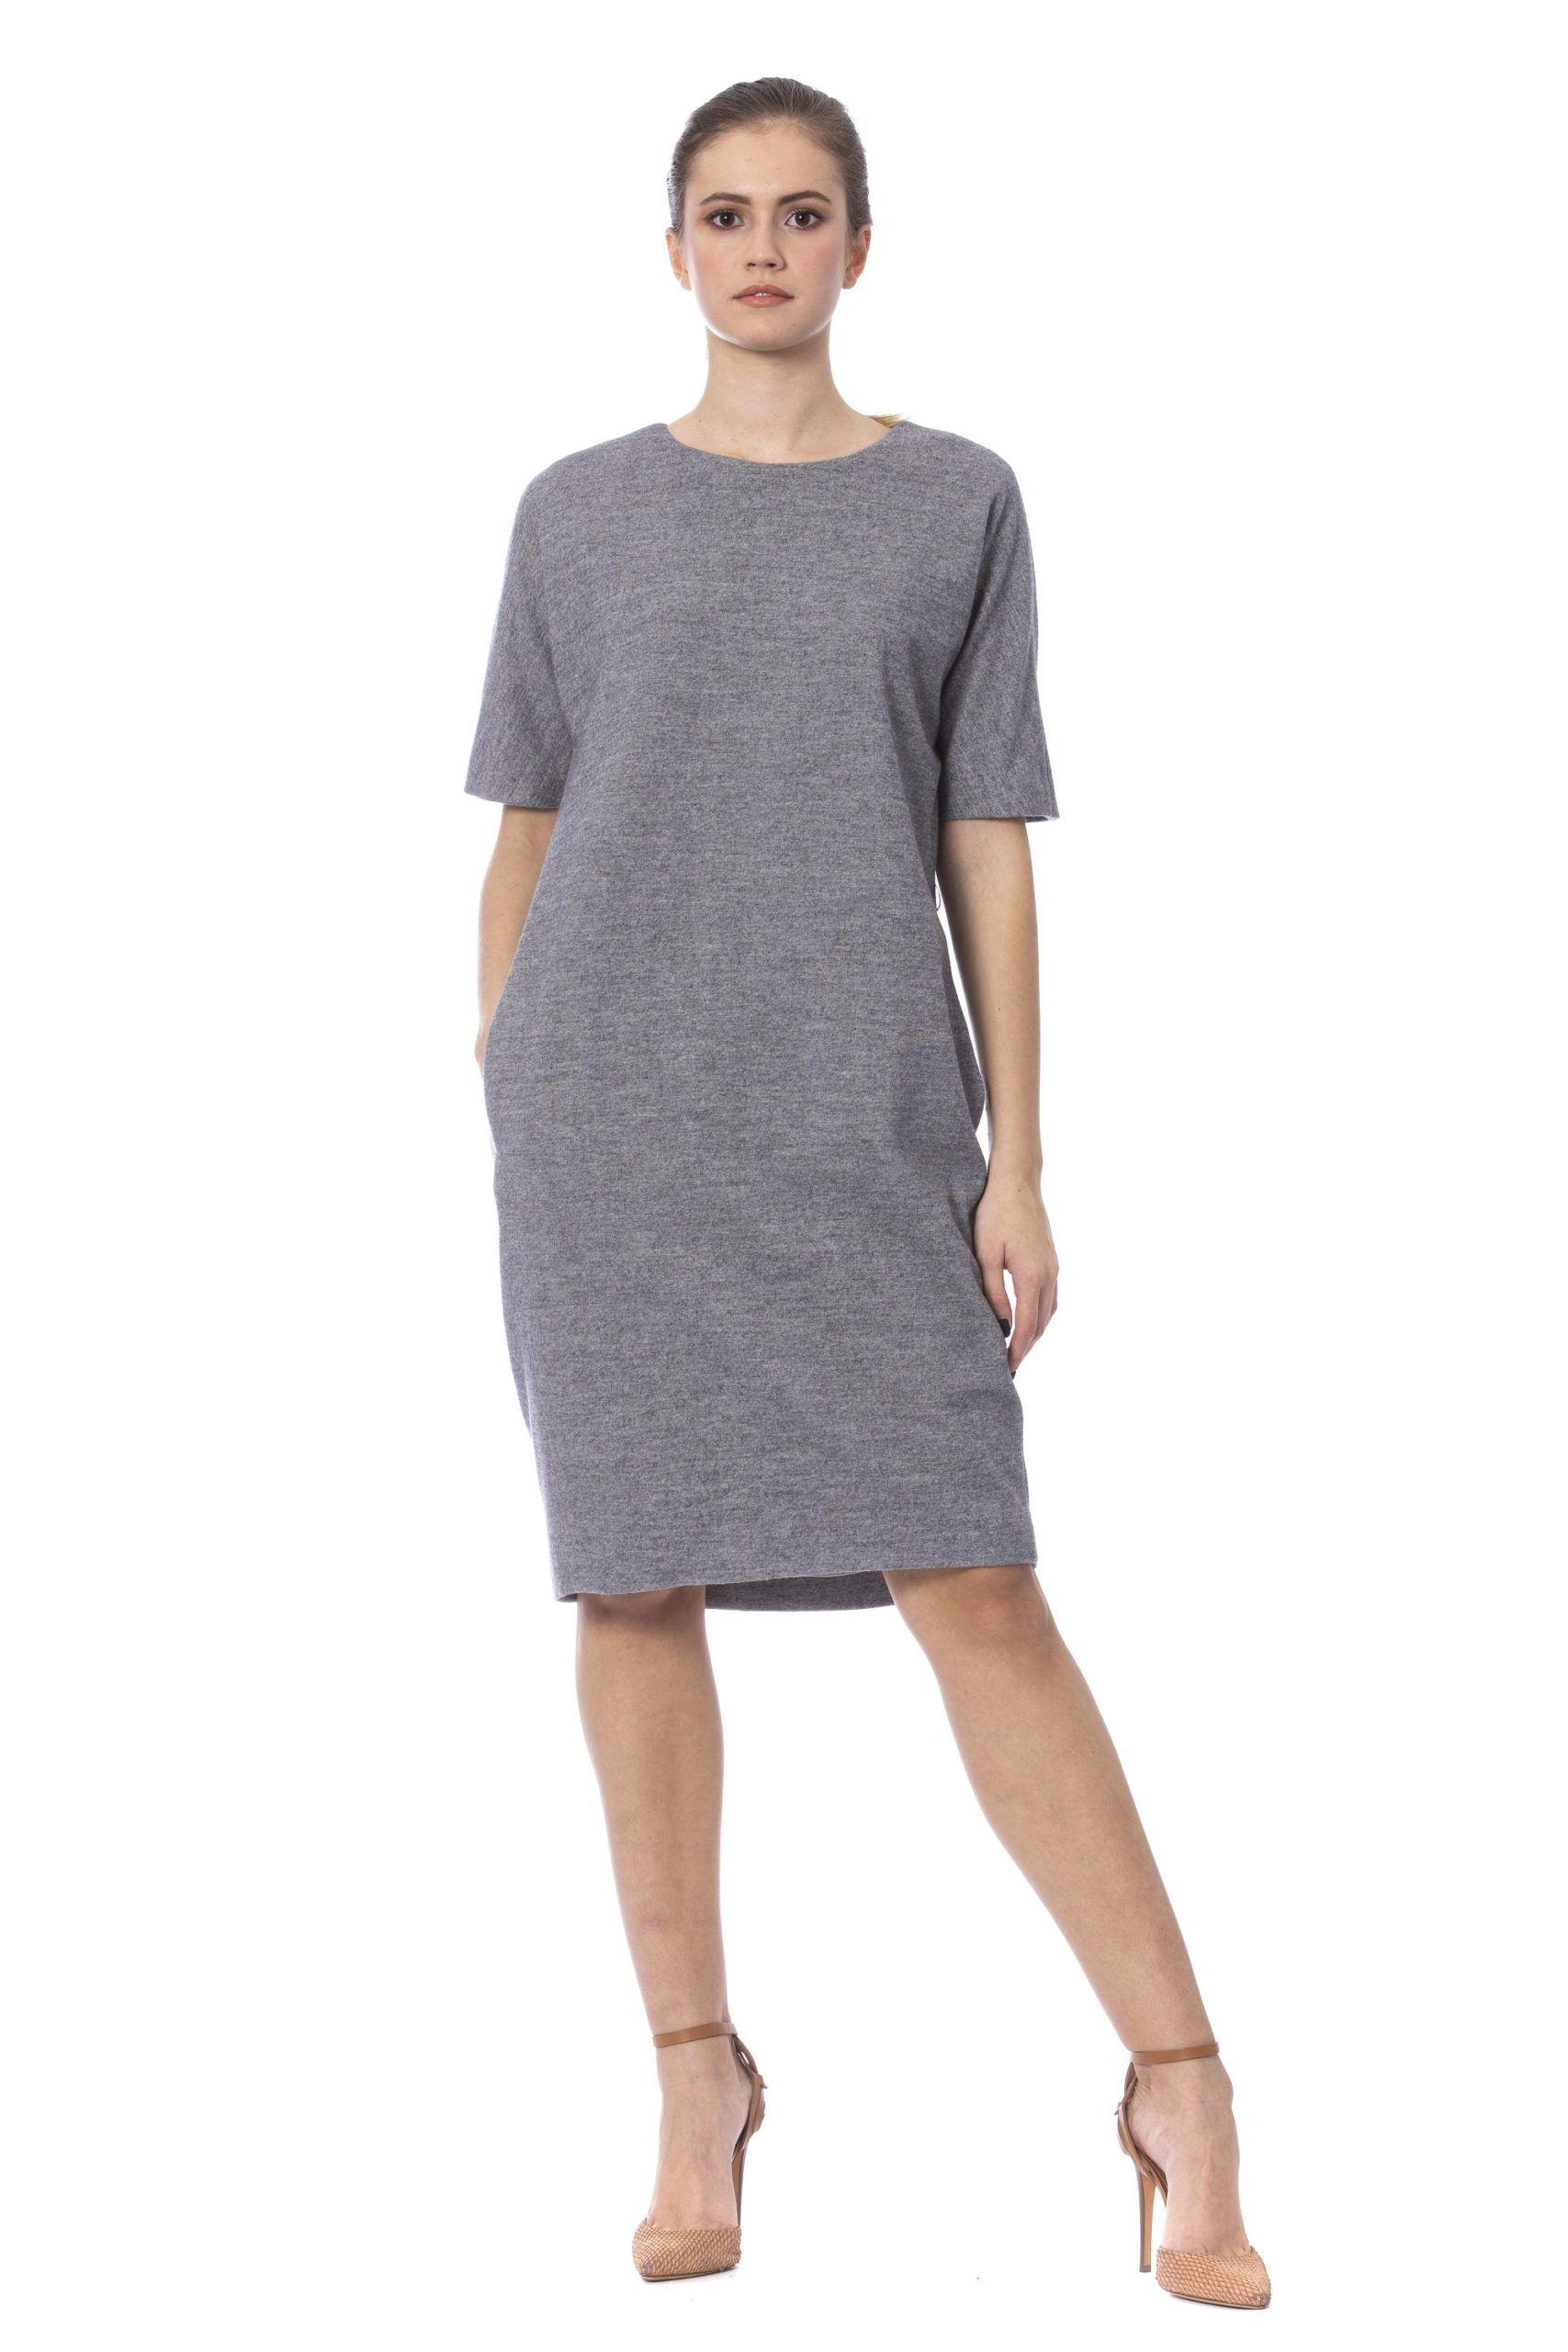 Peserico Grigio Dress